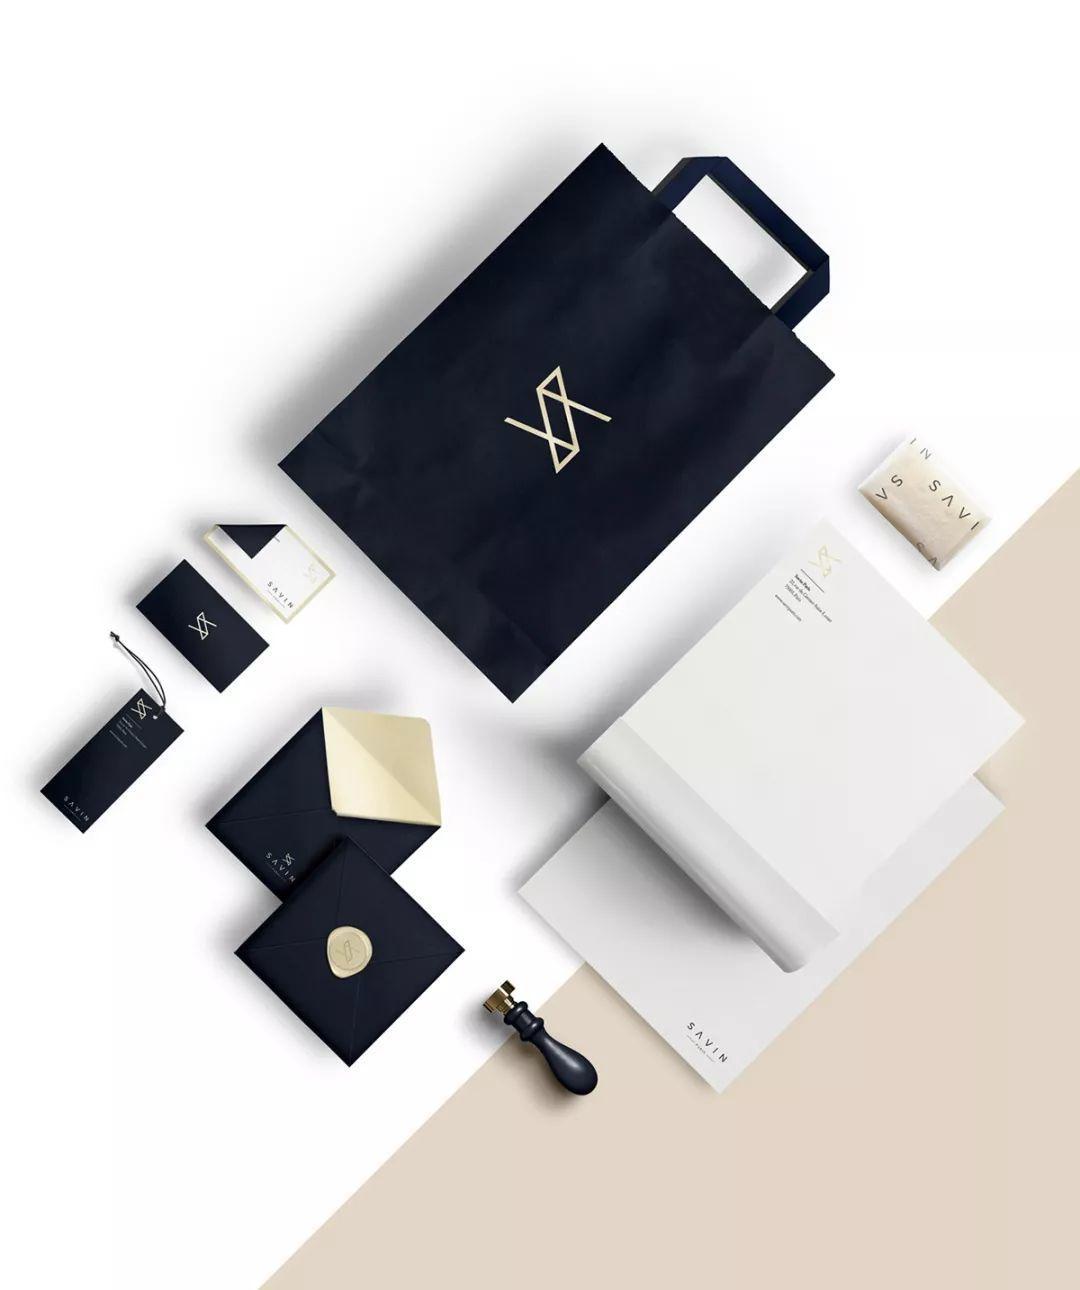 品牌VI设计欣赏